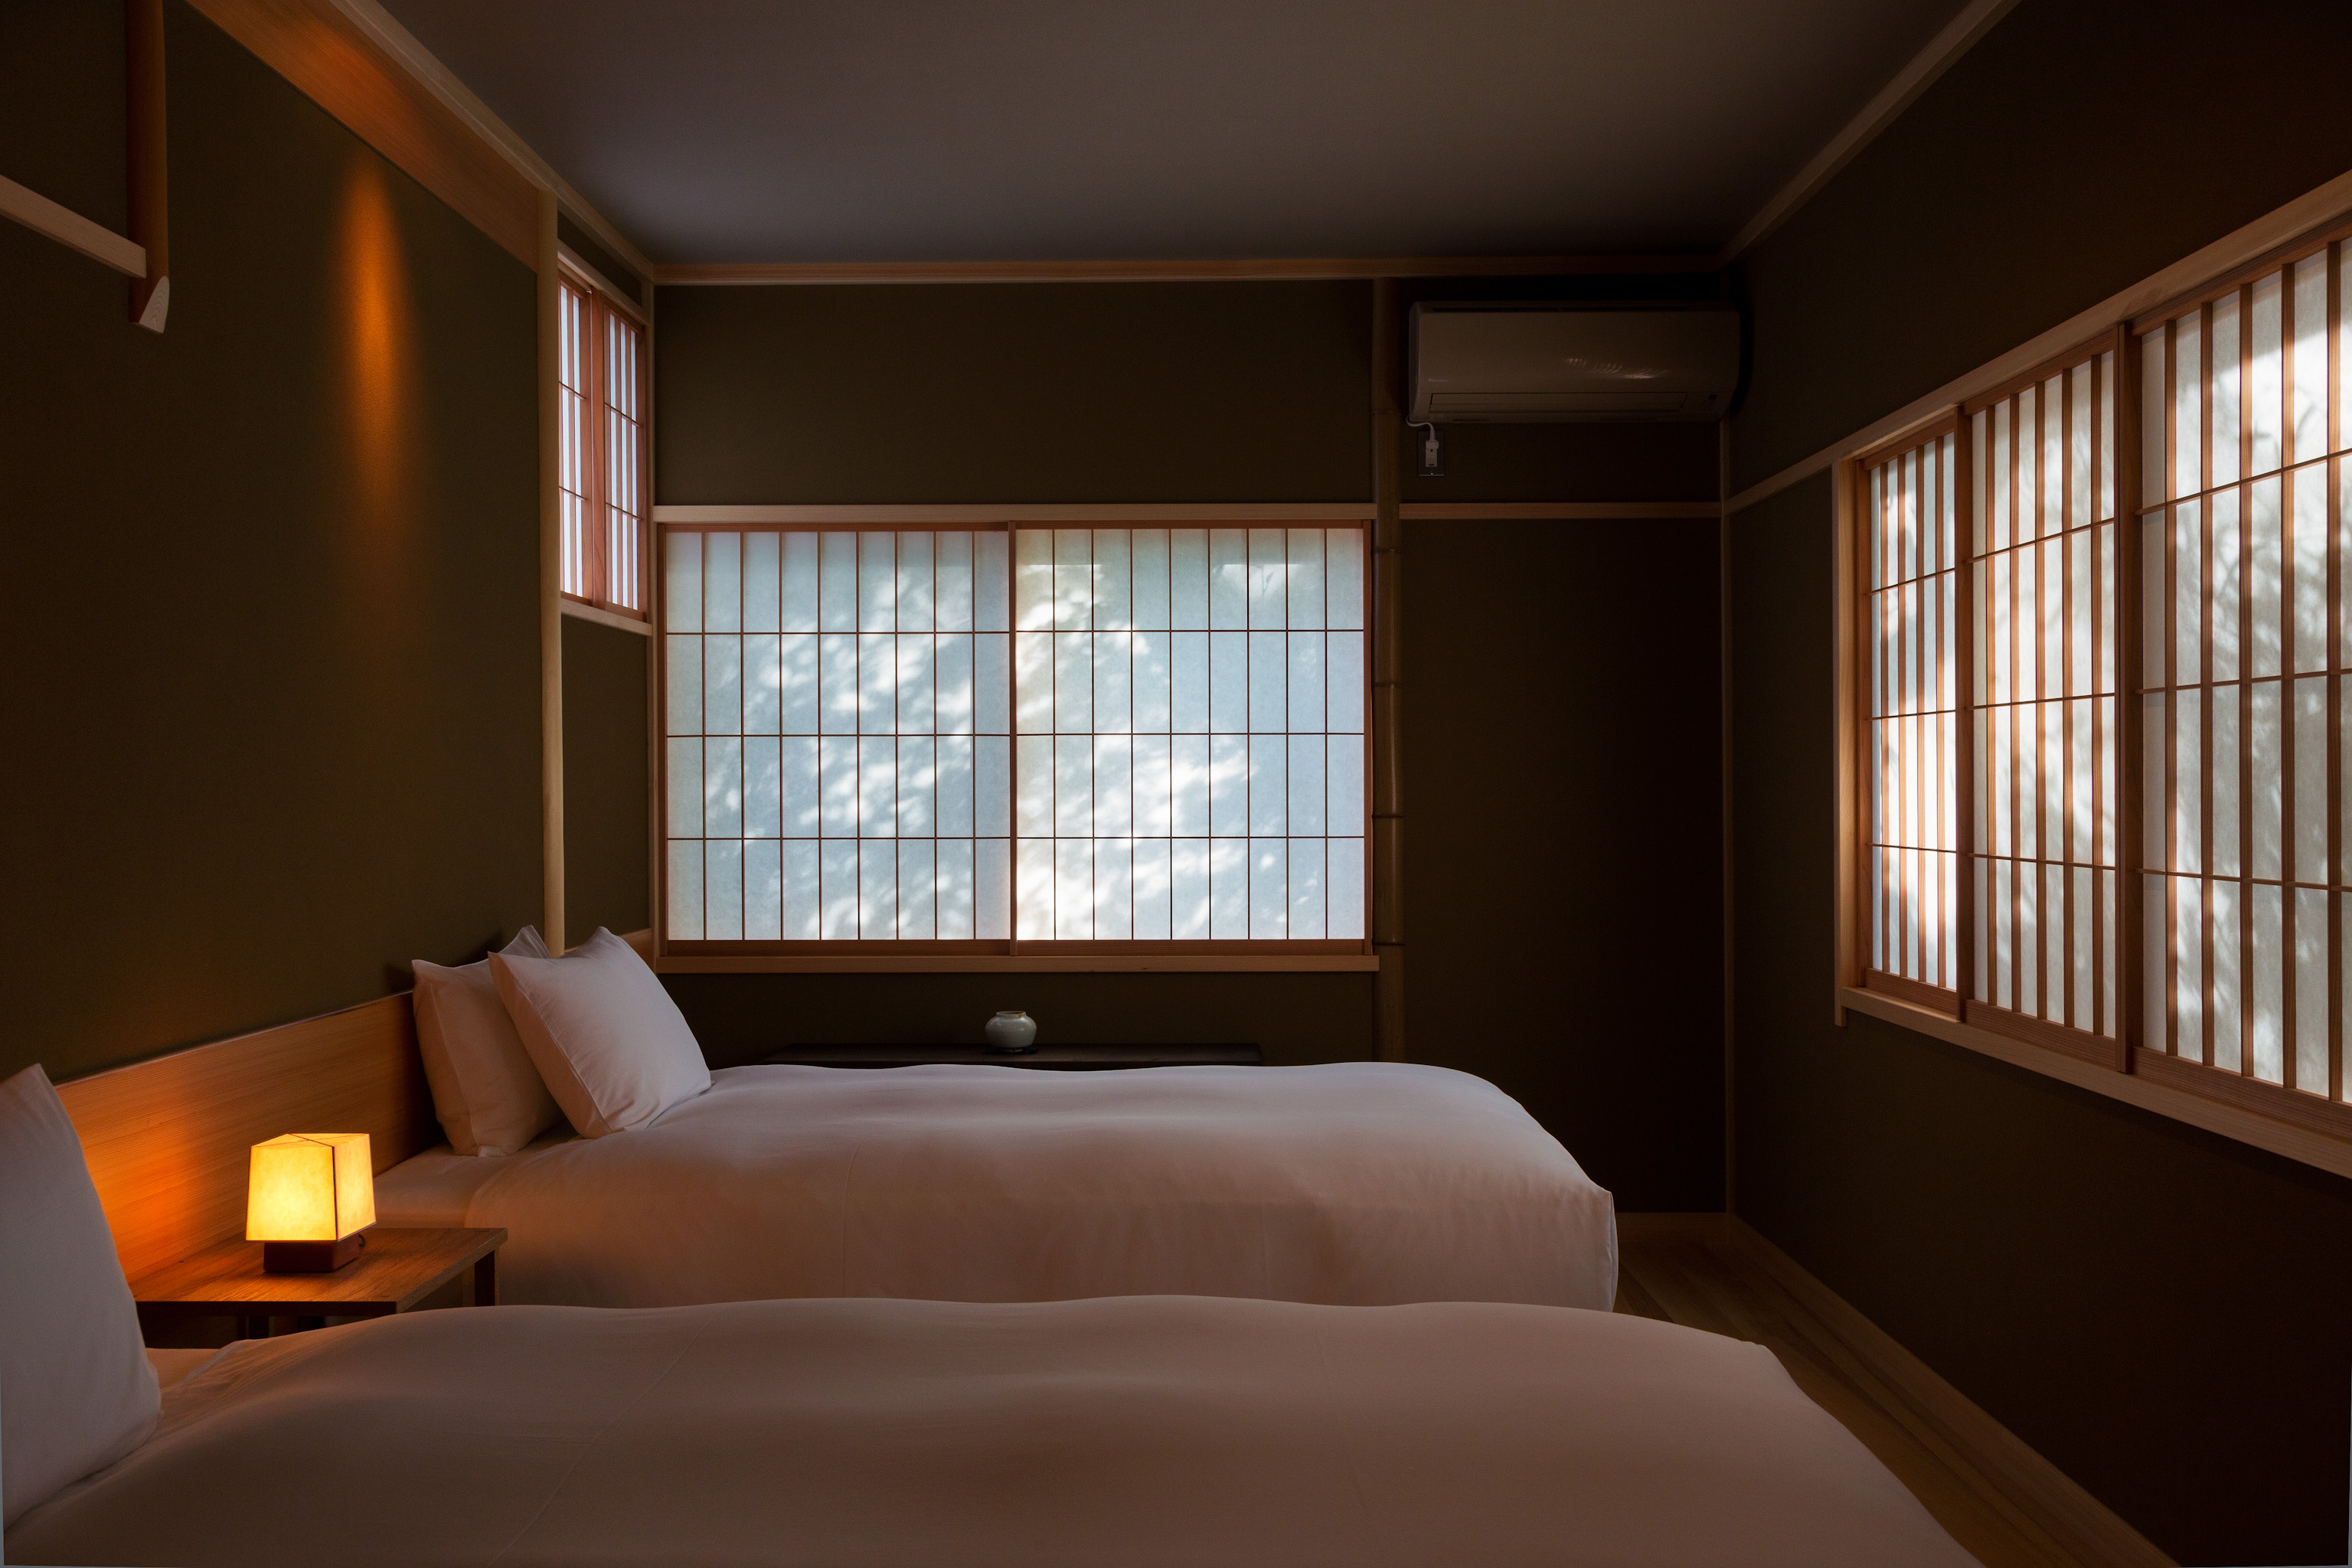 和建築ながらベッドルームも/出雲屋敷「雲」